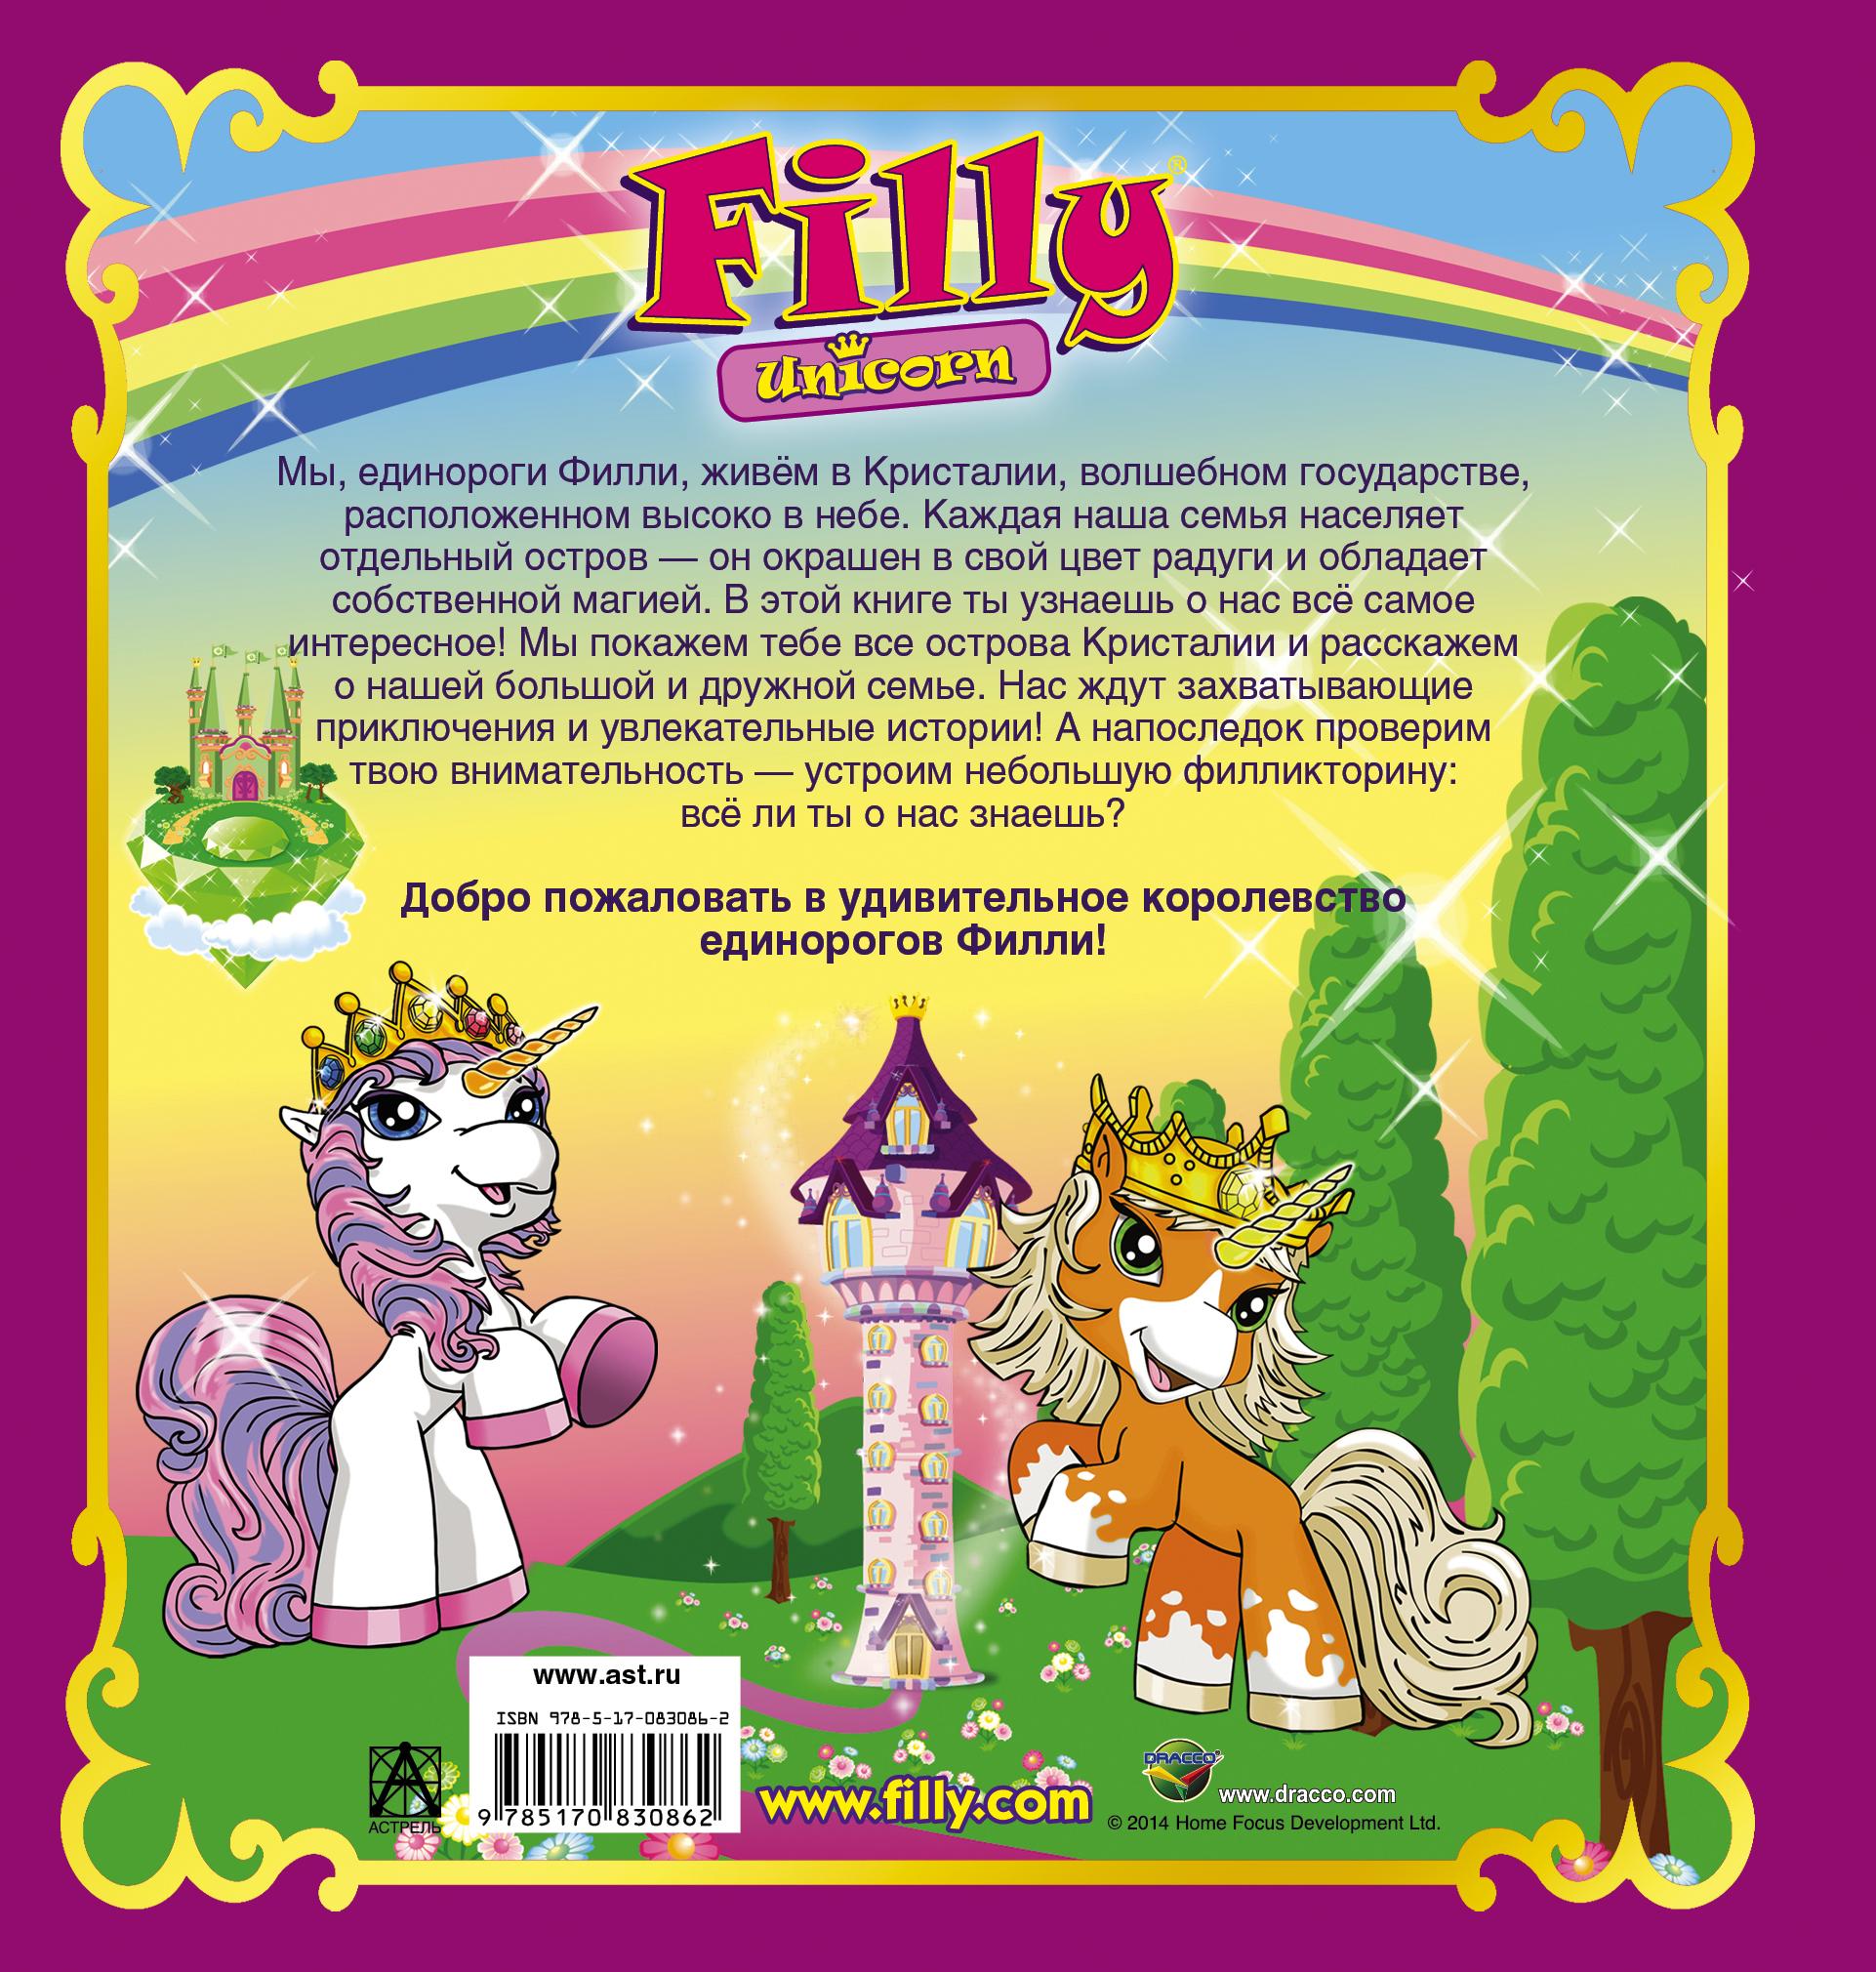 Филли. Единороги. Наш магический мир